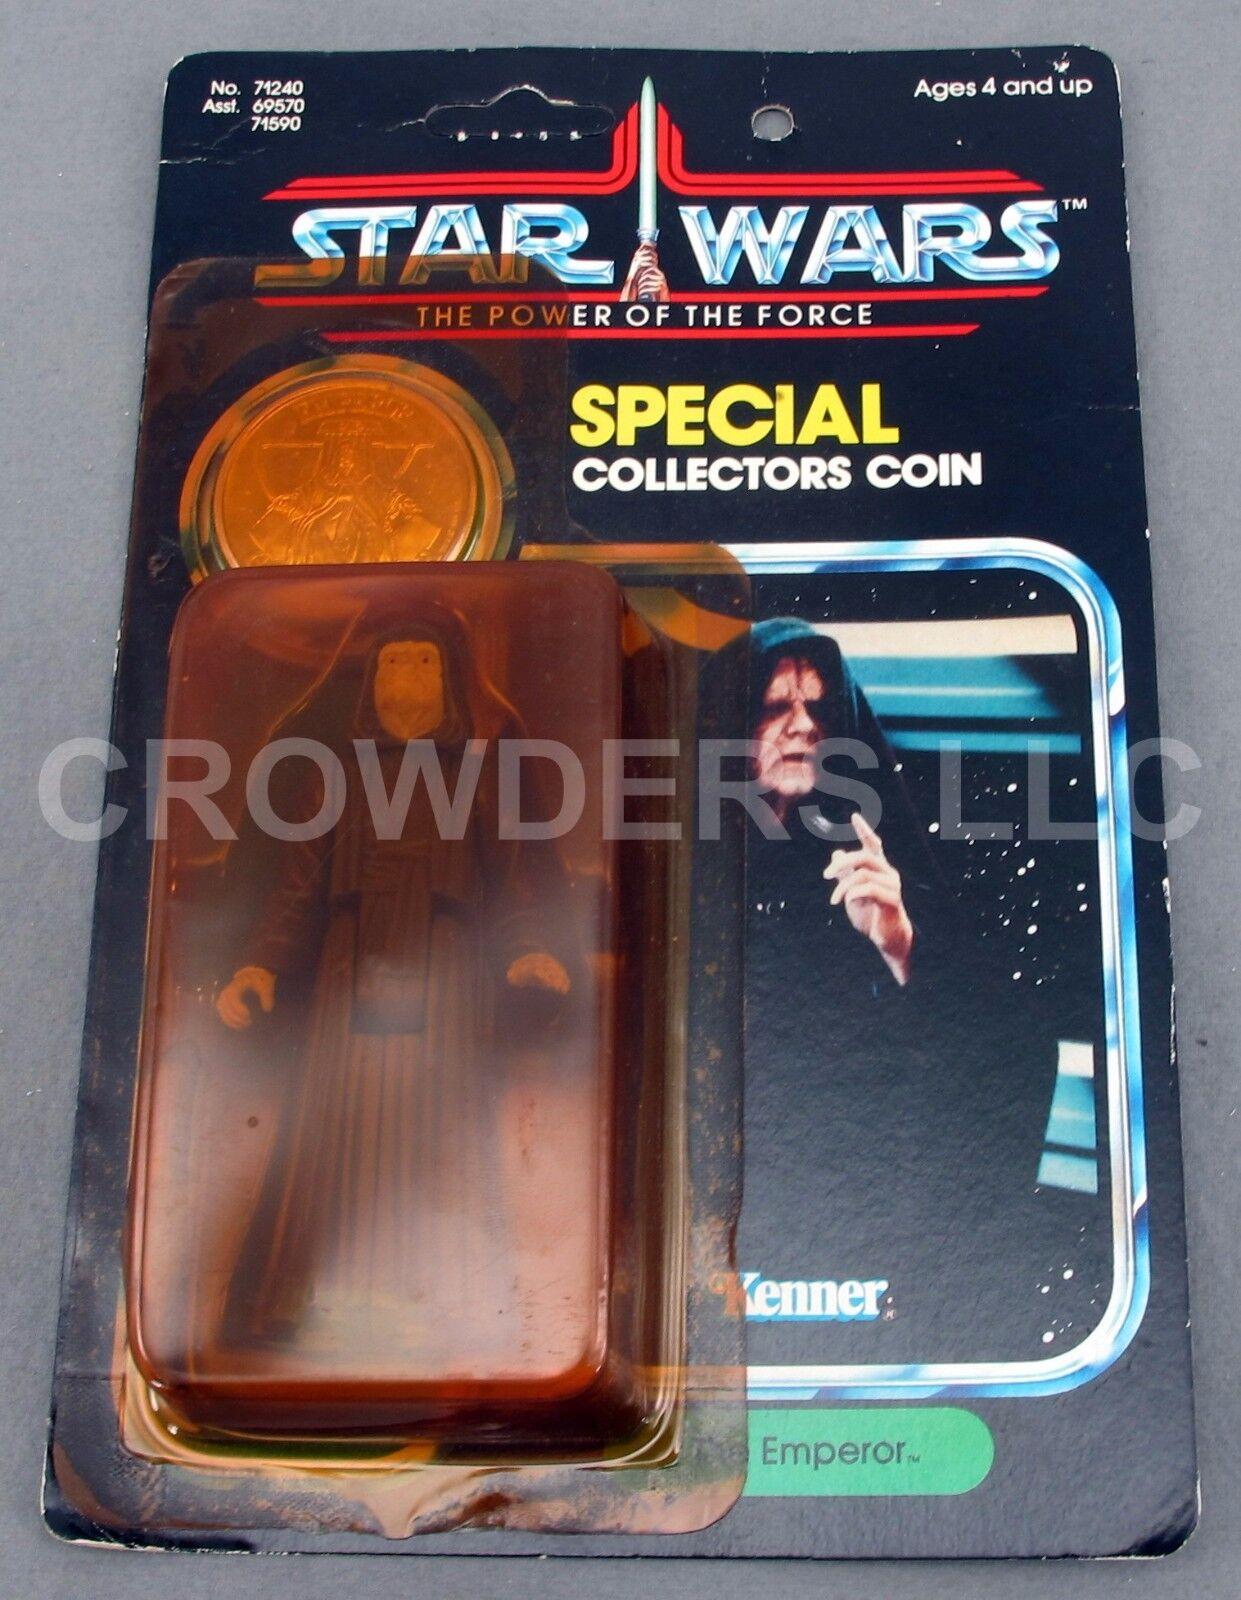 Star Wars Potf el emperador con moneda especial de coleccionista ENLOMADOR tarjeta Kenner'84